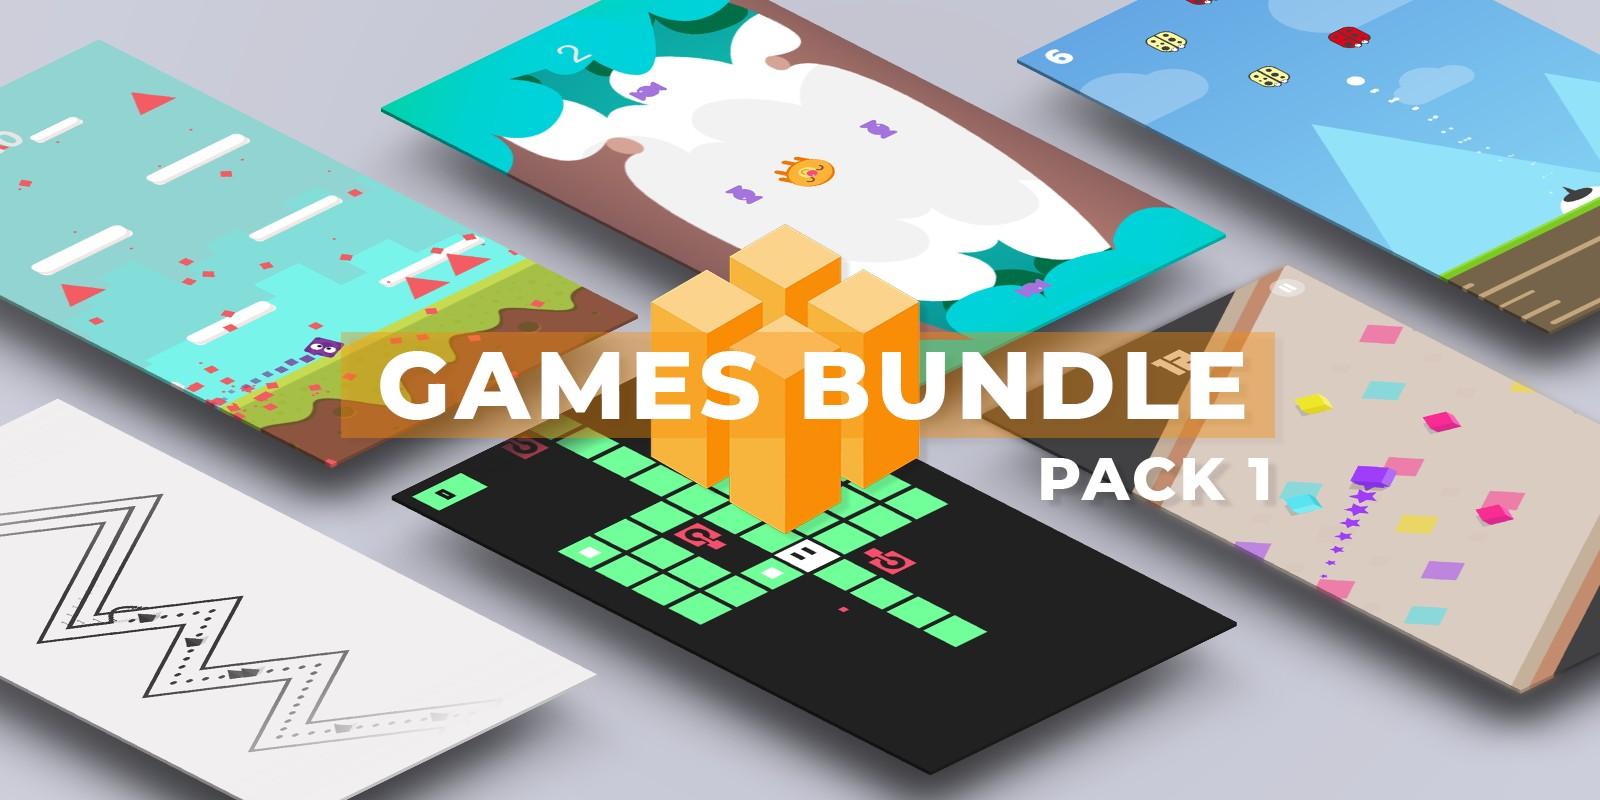 Buildbox Games Bundle Pack 1